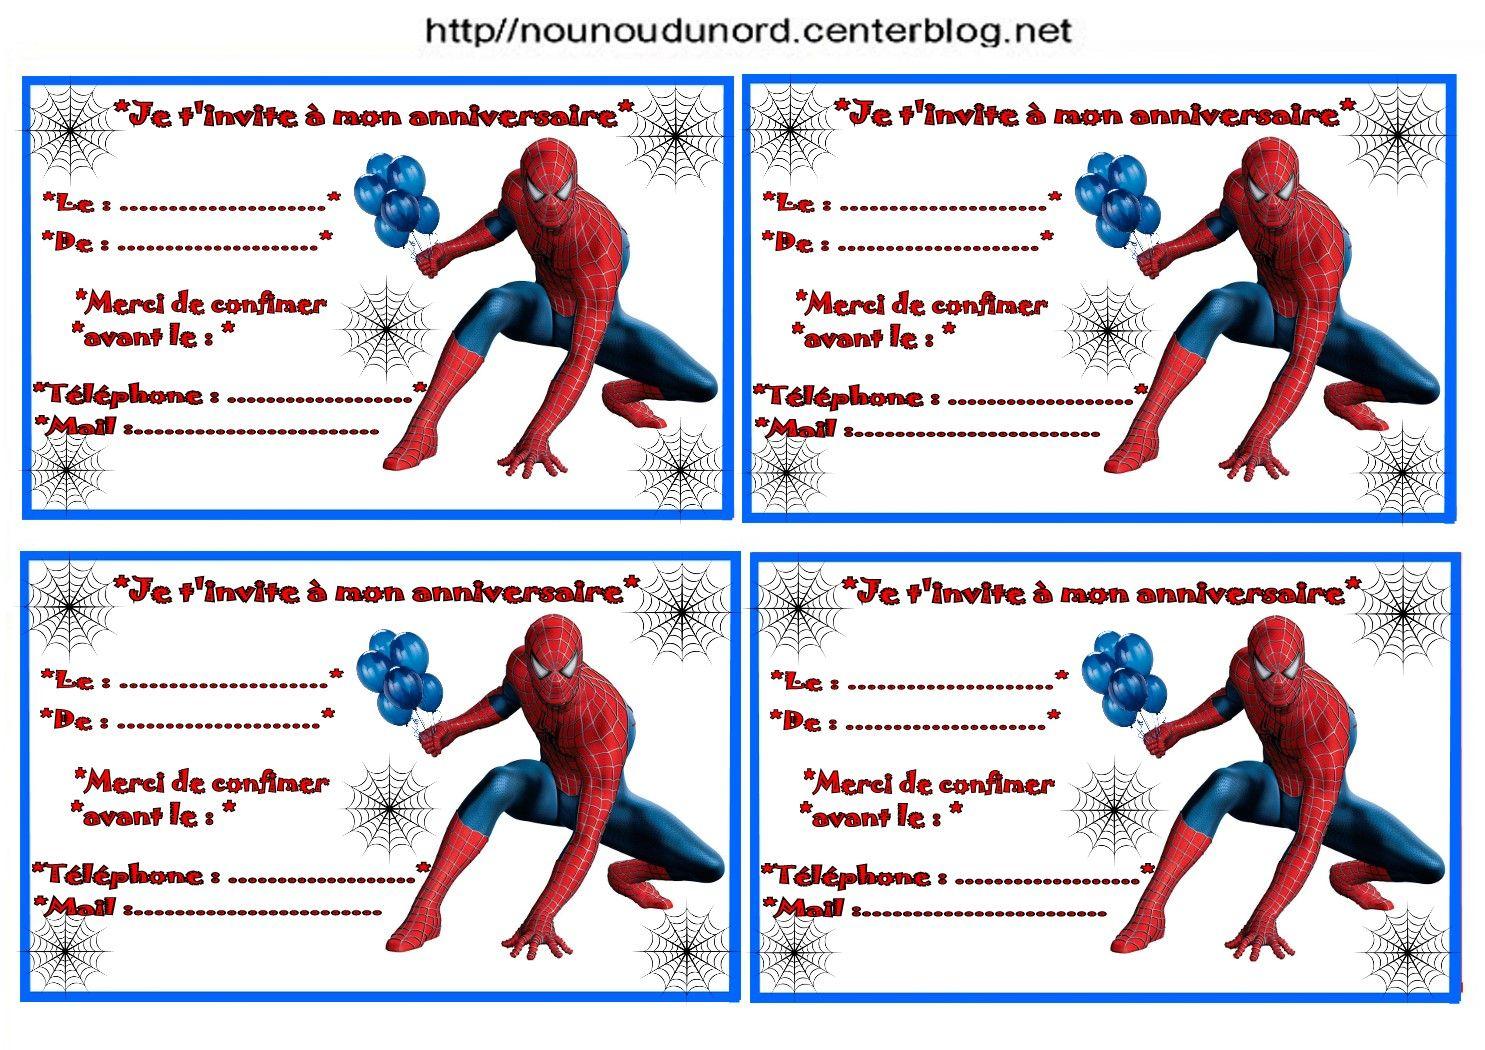 Anniversaire etiquettes invitations spiderman pour http anniversaire etiquettes invitations spiderman pour httpnounoudunordblog stopboris Gallery